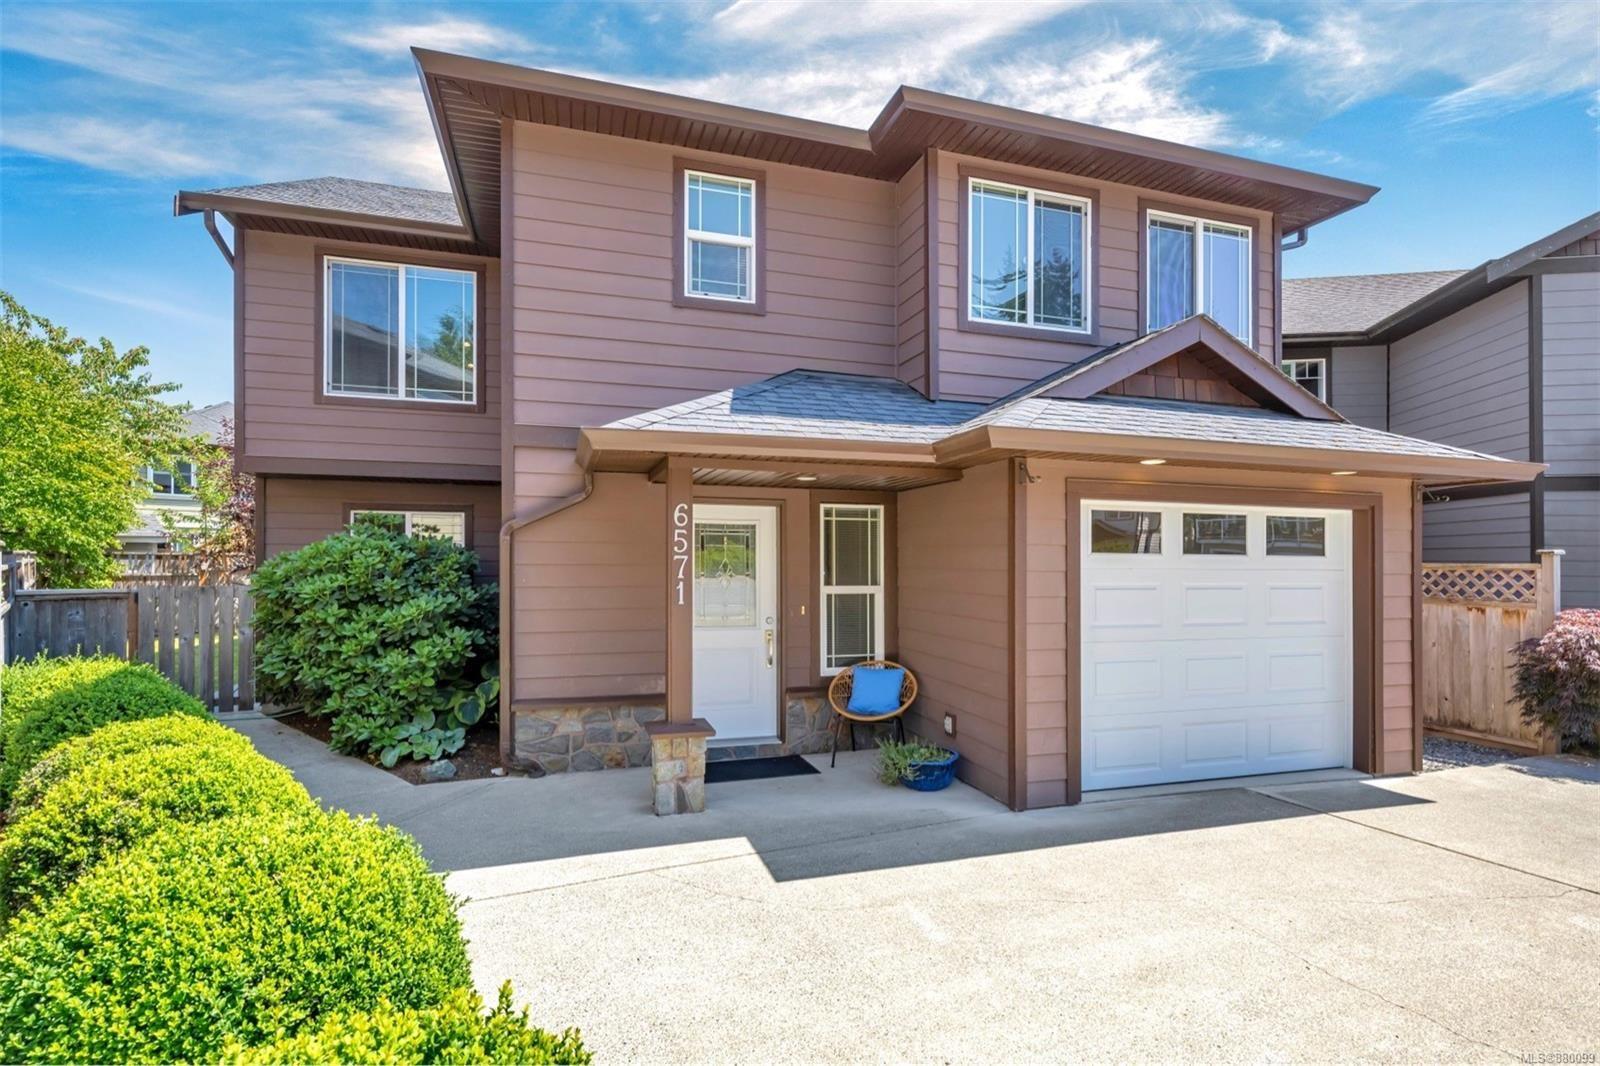 Main Photo: 6571 Worthington Way in : Sk Sooke Vill Core House for sale (Sooke)  : MLS®# 880099